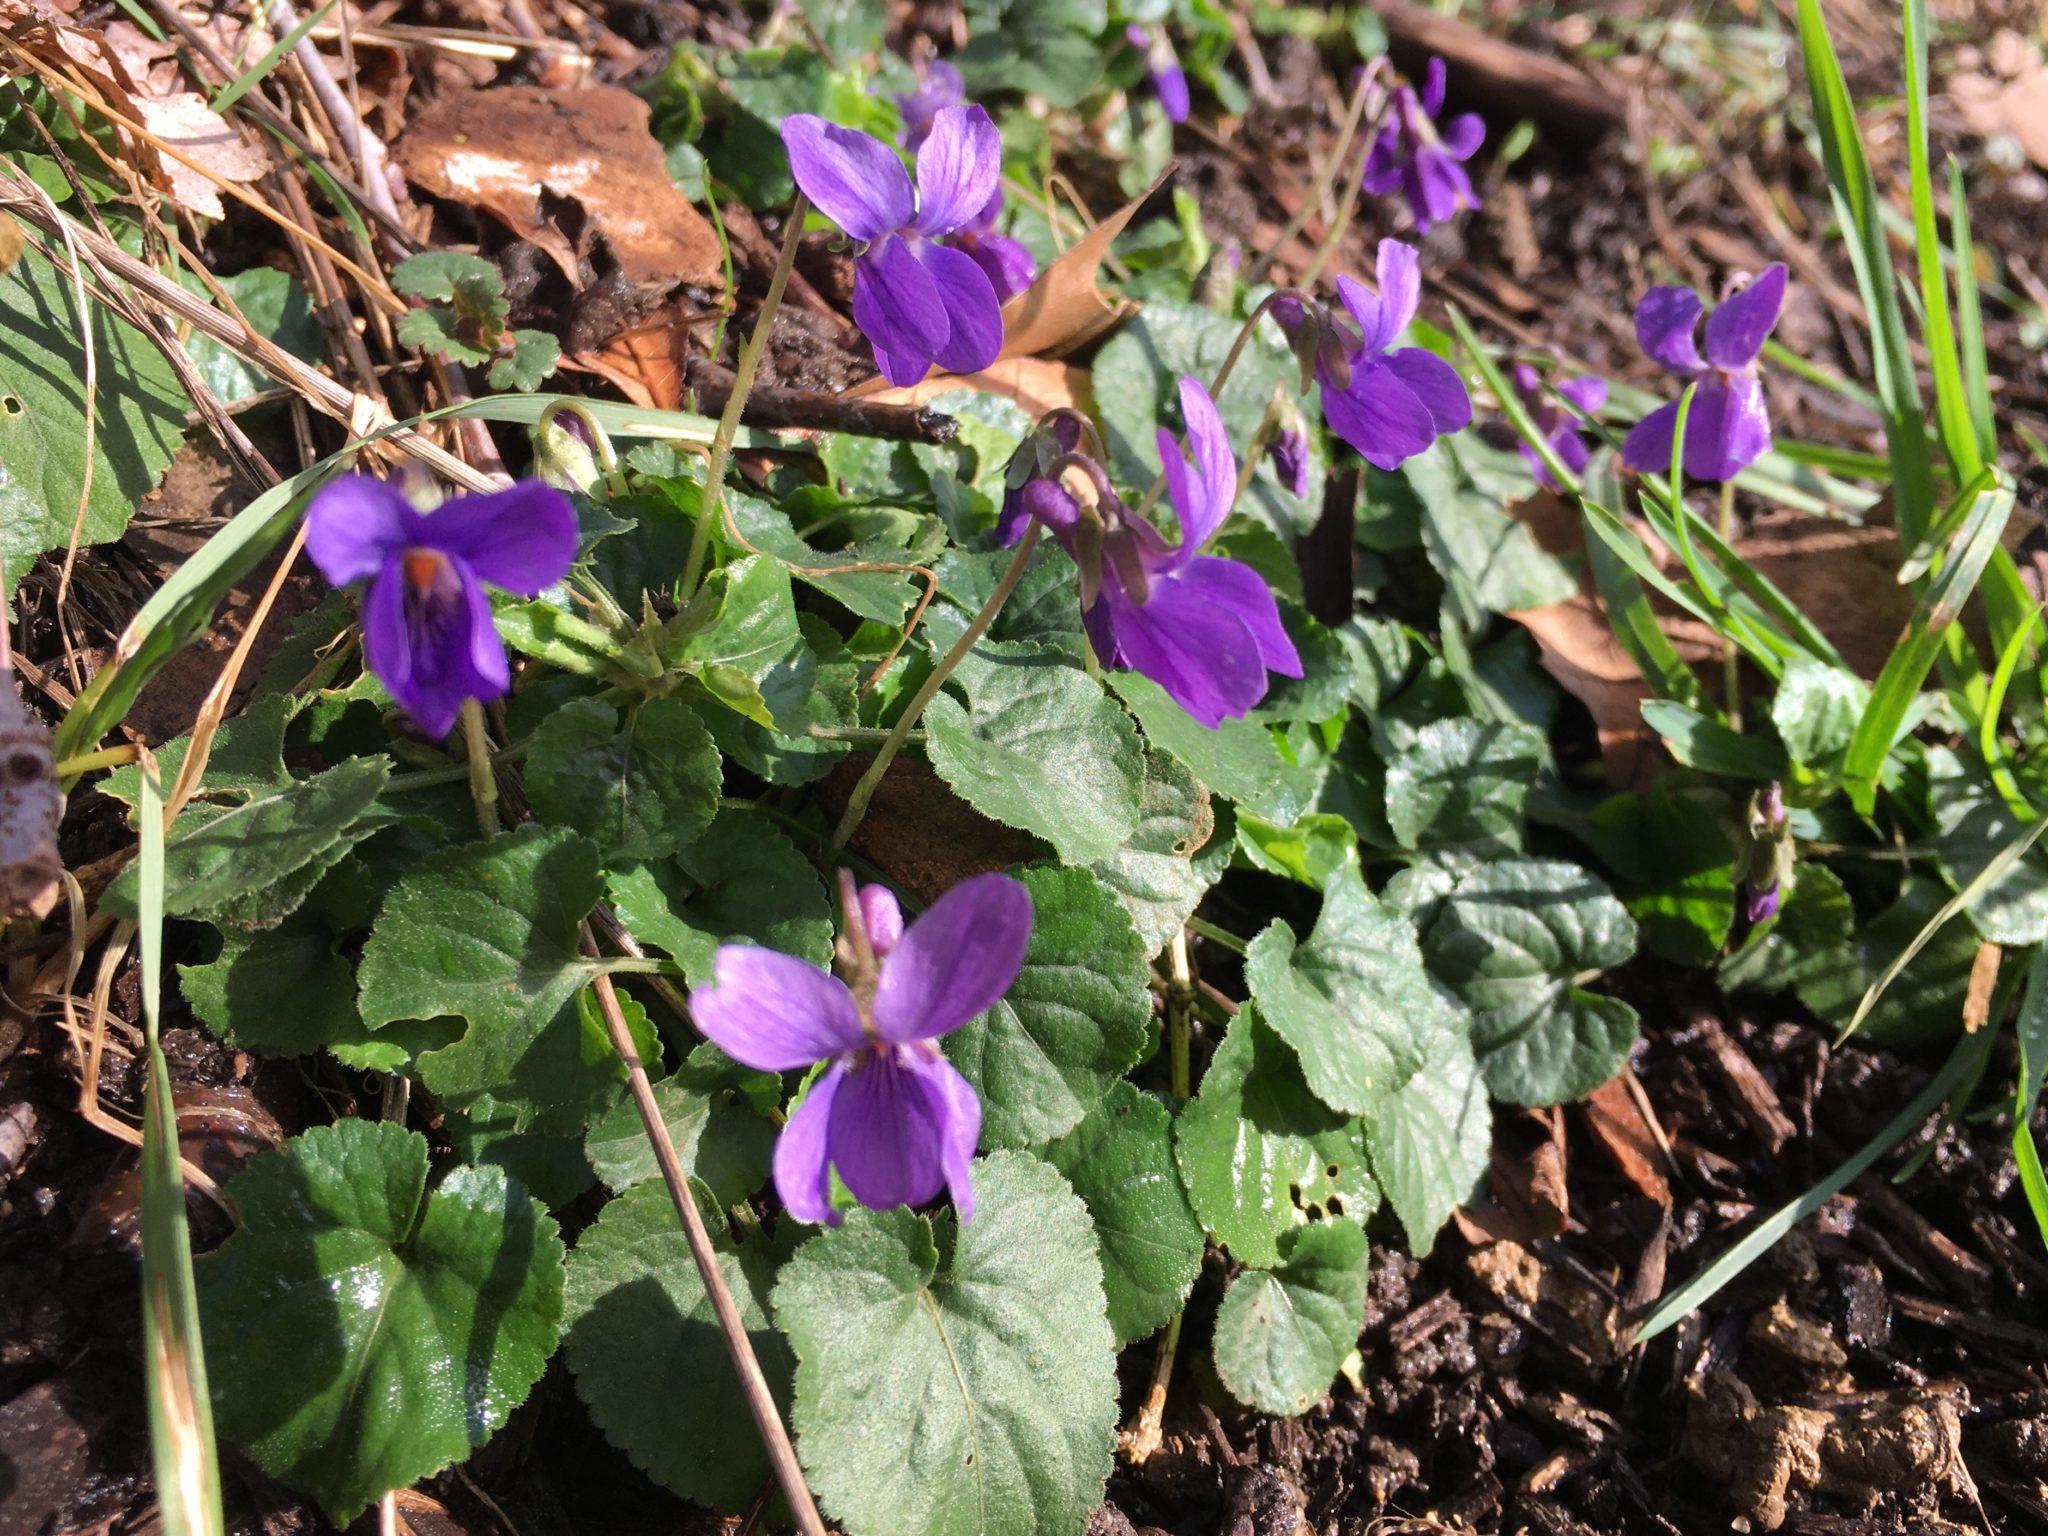 Violettes en fleur